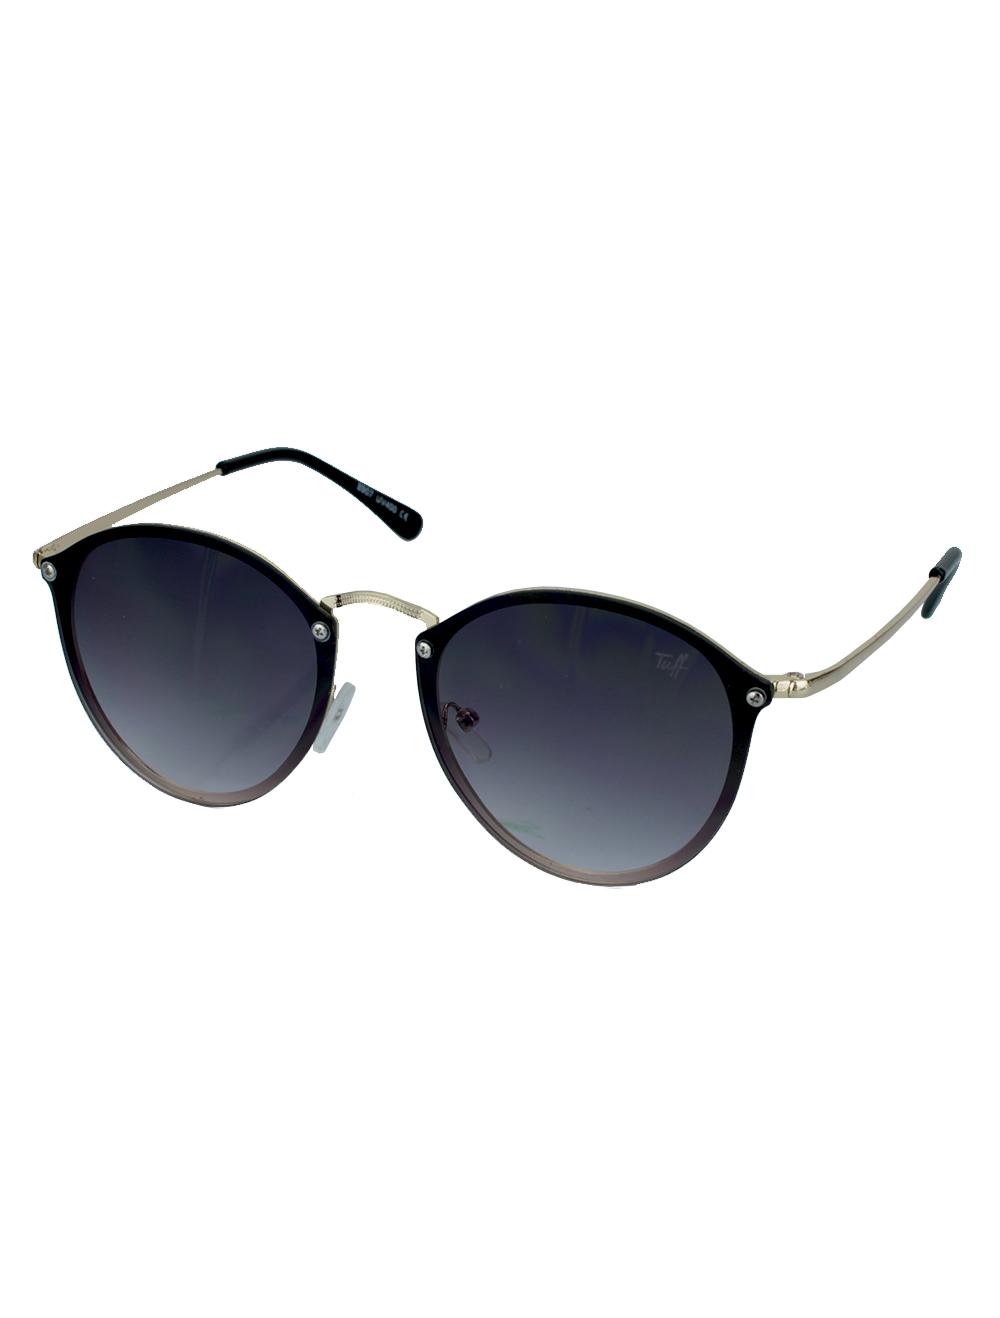 Sunglasses Redondo Cinza